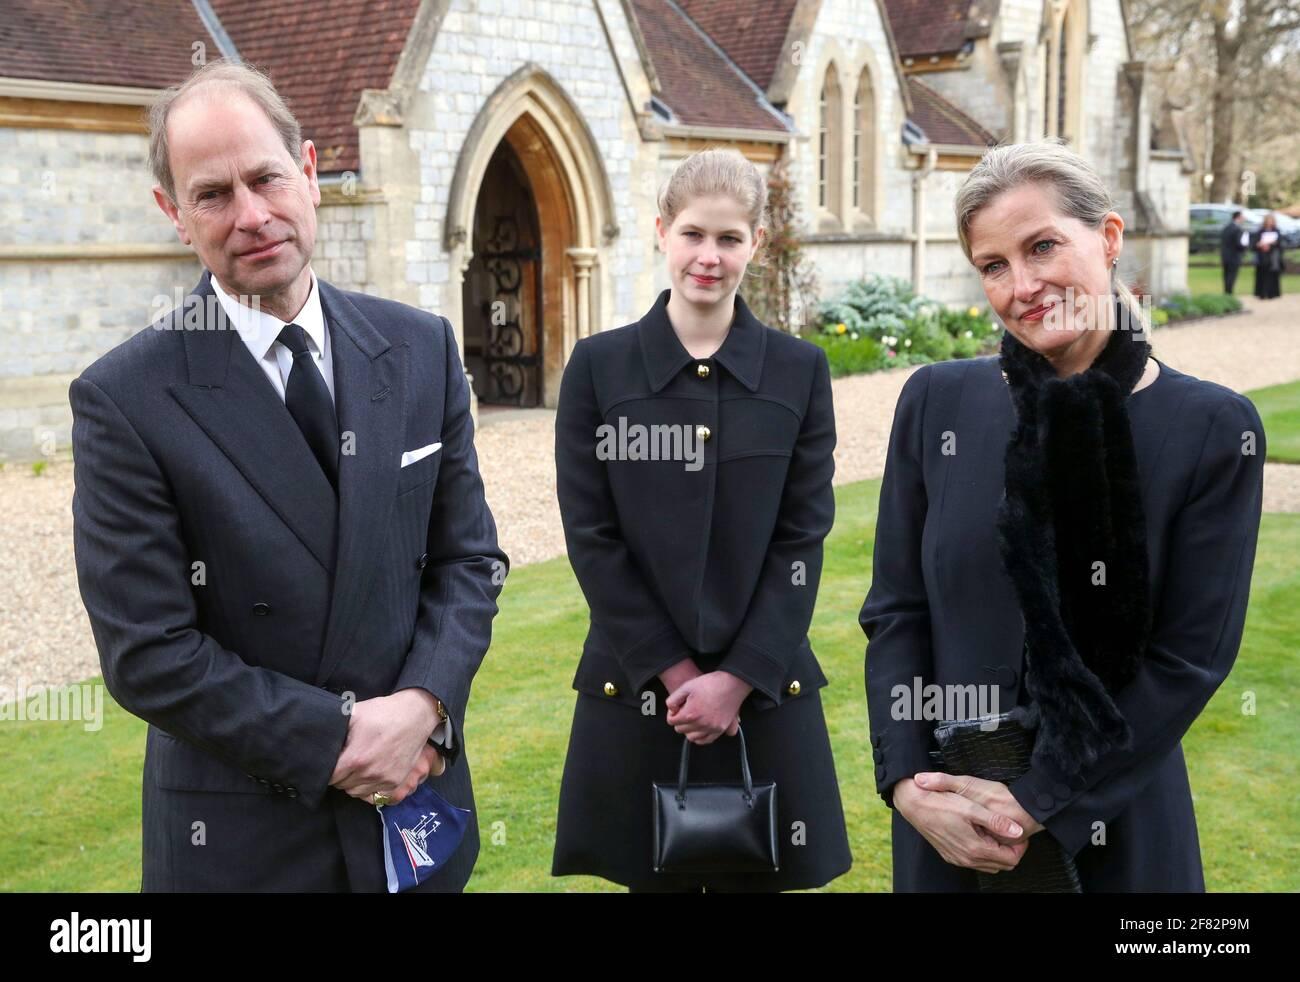 Il conte e contessa di Wessex, con la figlia Lady Louise Windsor, durante un'intervista televisiva alla Cappella reale di tutti i Santi, Windsor, dopo l'annuncio, venerdì 9 aprile, della morte del duca di Edimburgo all'età di 99 anni. Data immagine: Domenica 11 aprile 2021. Foto Stock